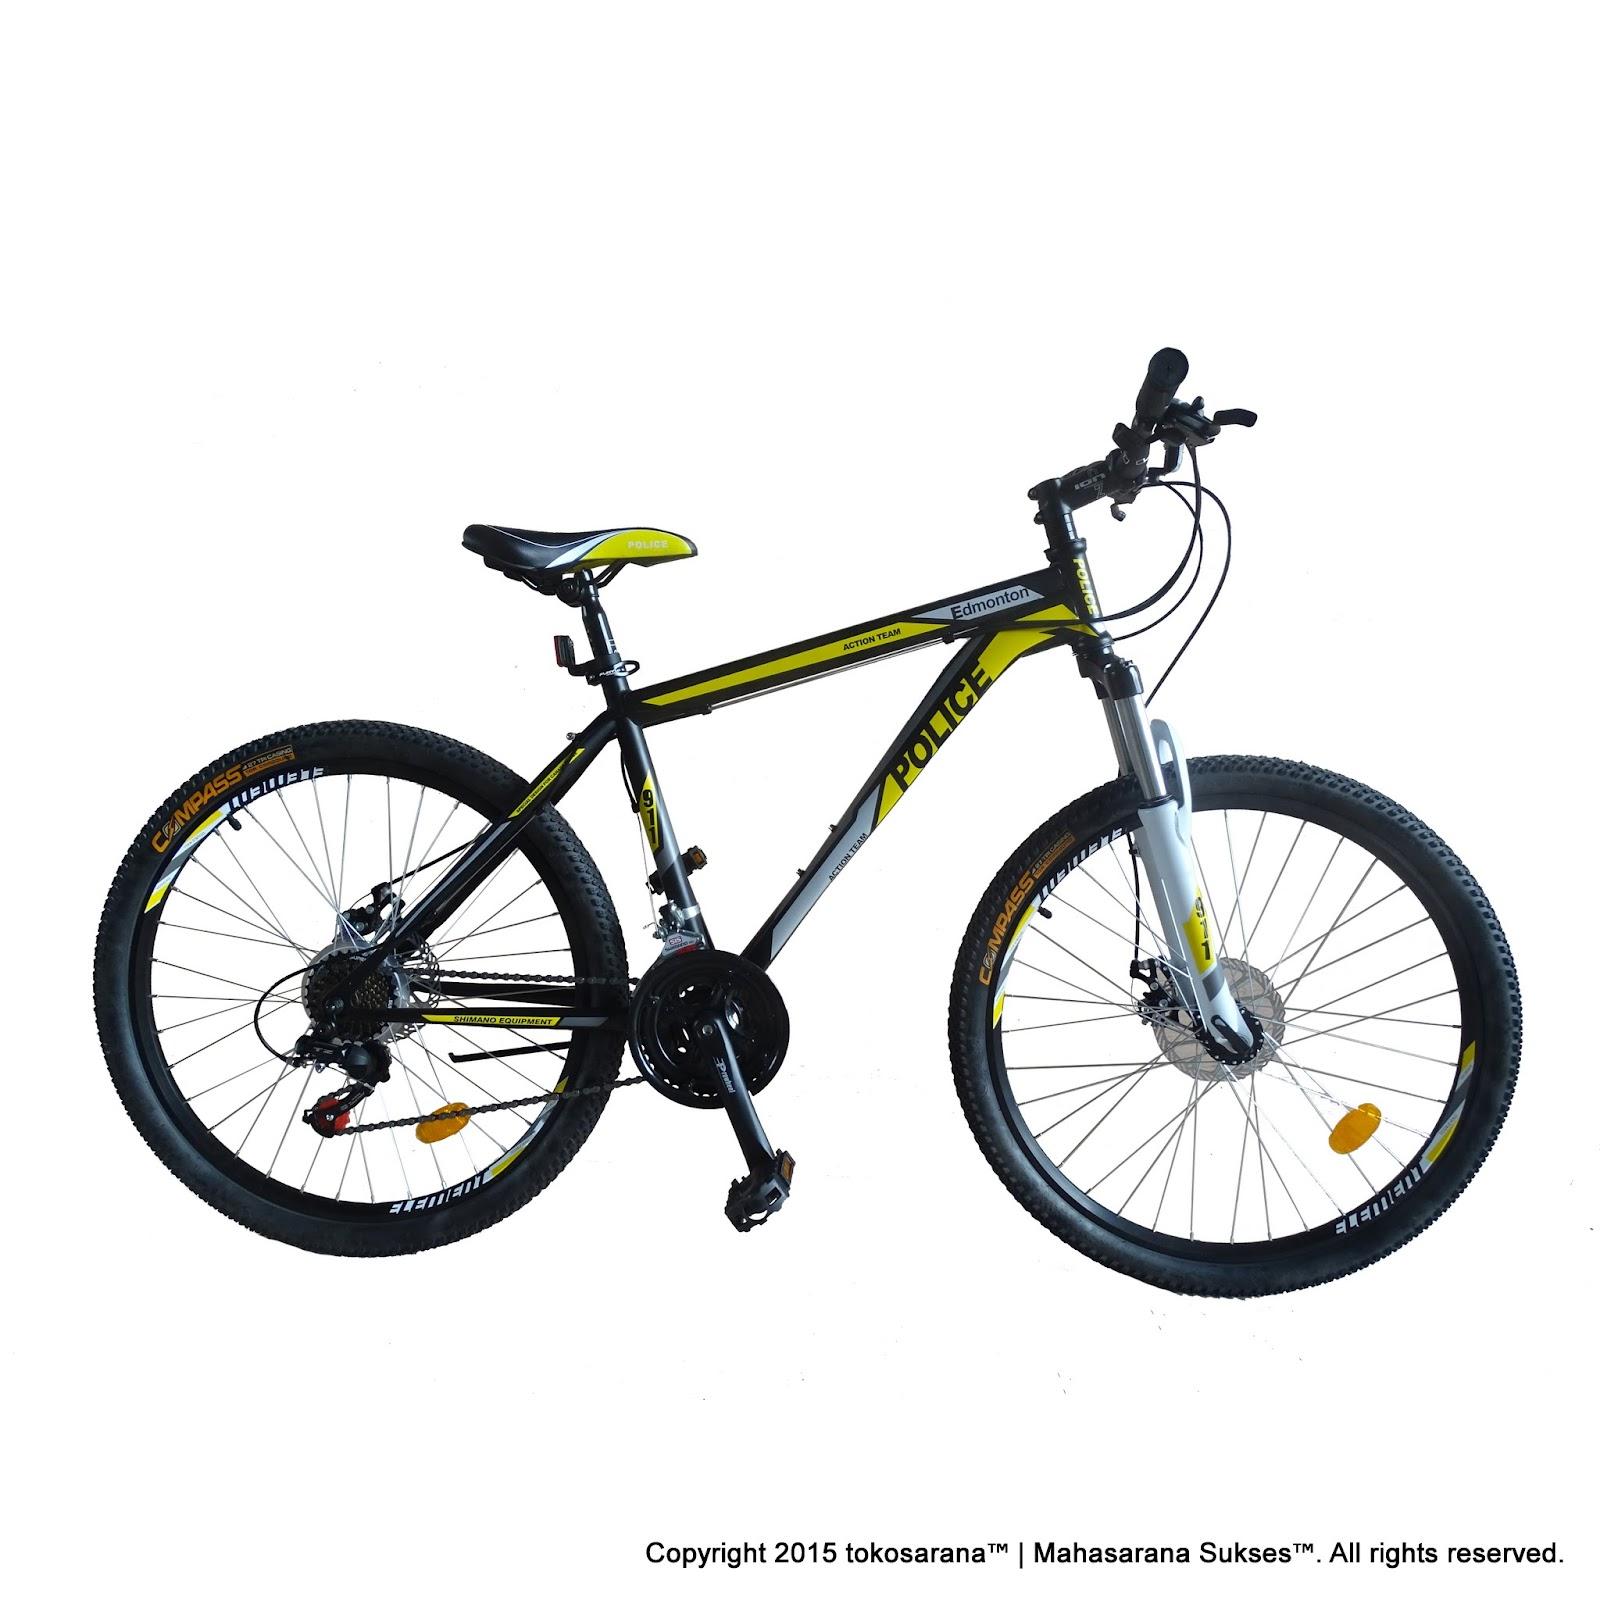 tokosarana™ | Mahasarana Sukses™: Sepeda Gunung Element